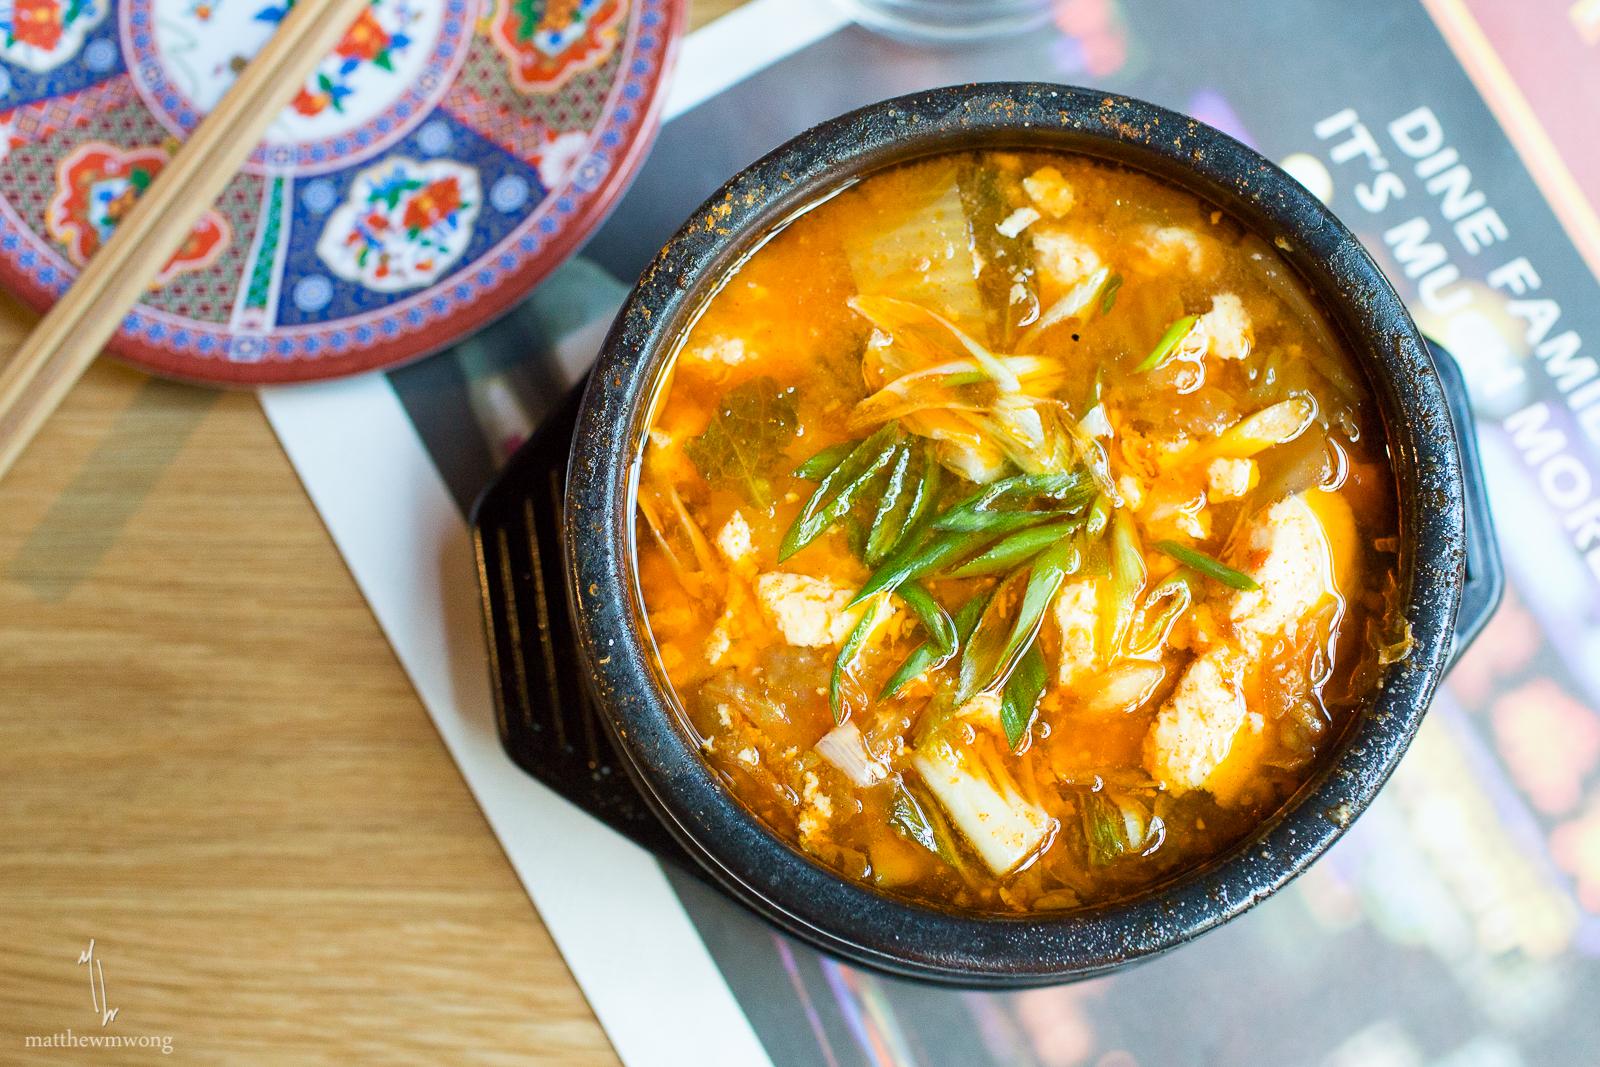 Kimchi Stew - Pork, kimchi, ginger, tofu